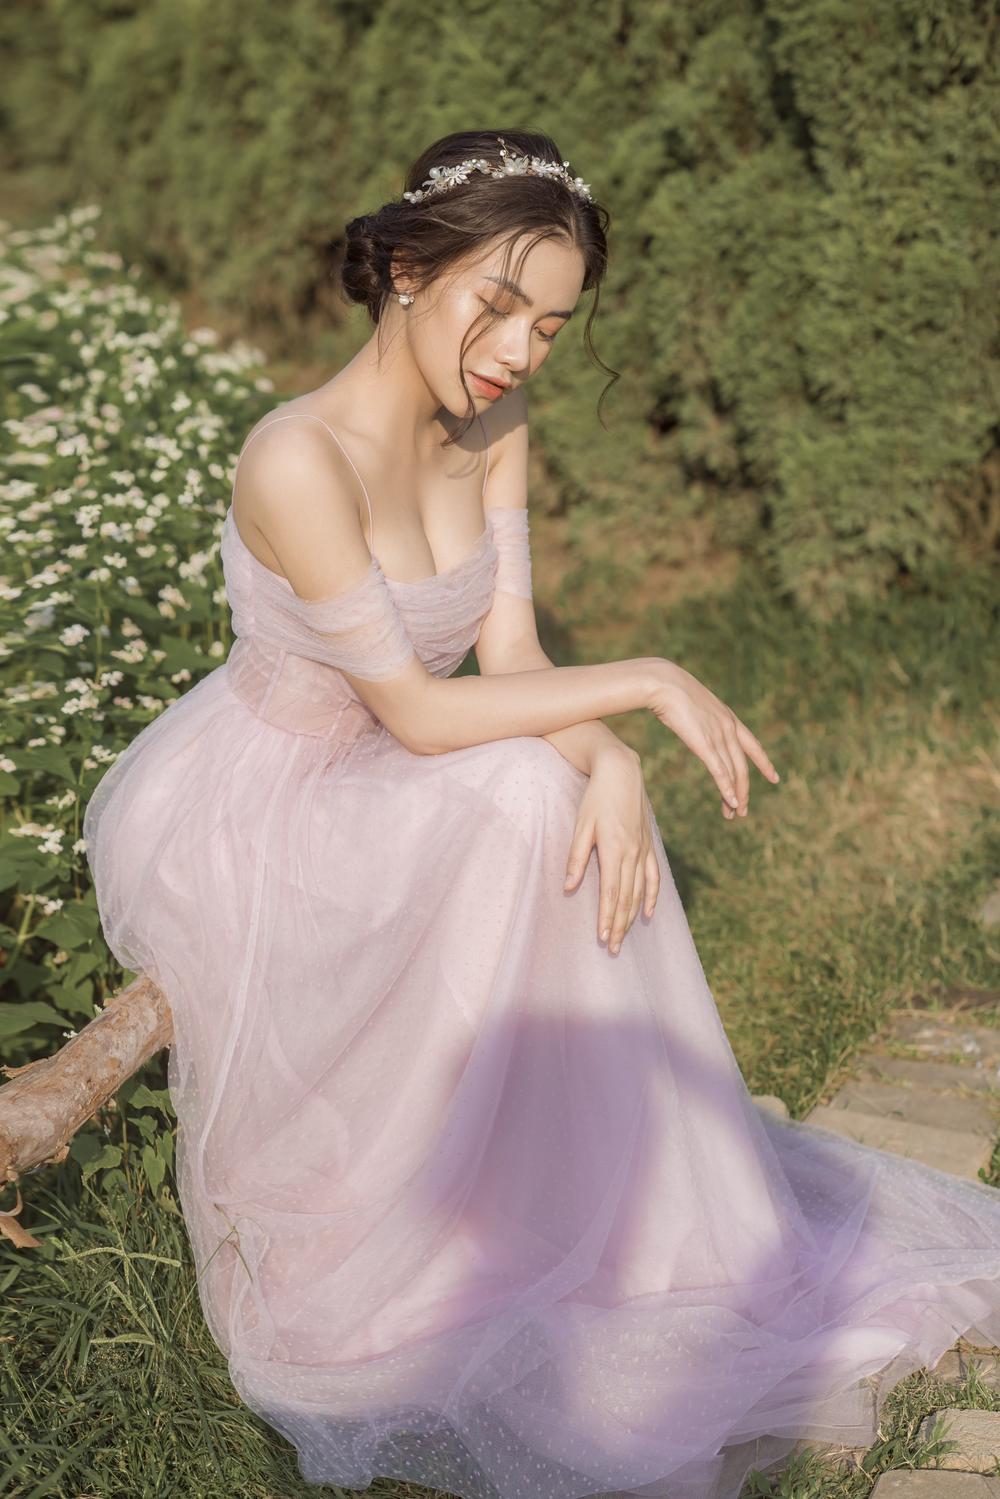 Nữ sinh ĐH Văn hóa nghệ thuật Quân đội với ngoại hình xinh đẹp, chia sẻ niềm đam mê đặc biệt với âm nhạc Ảnh 4